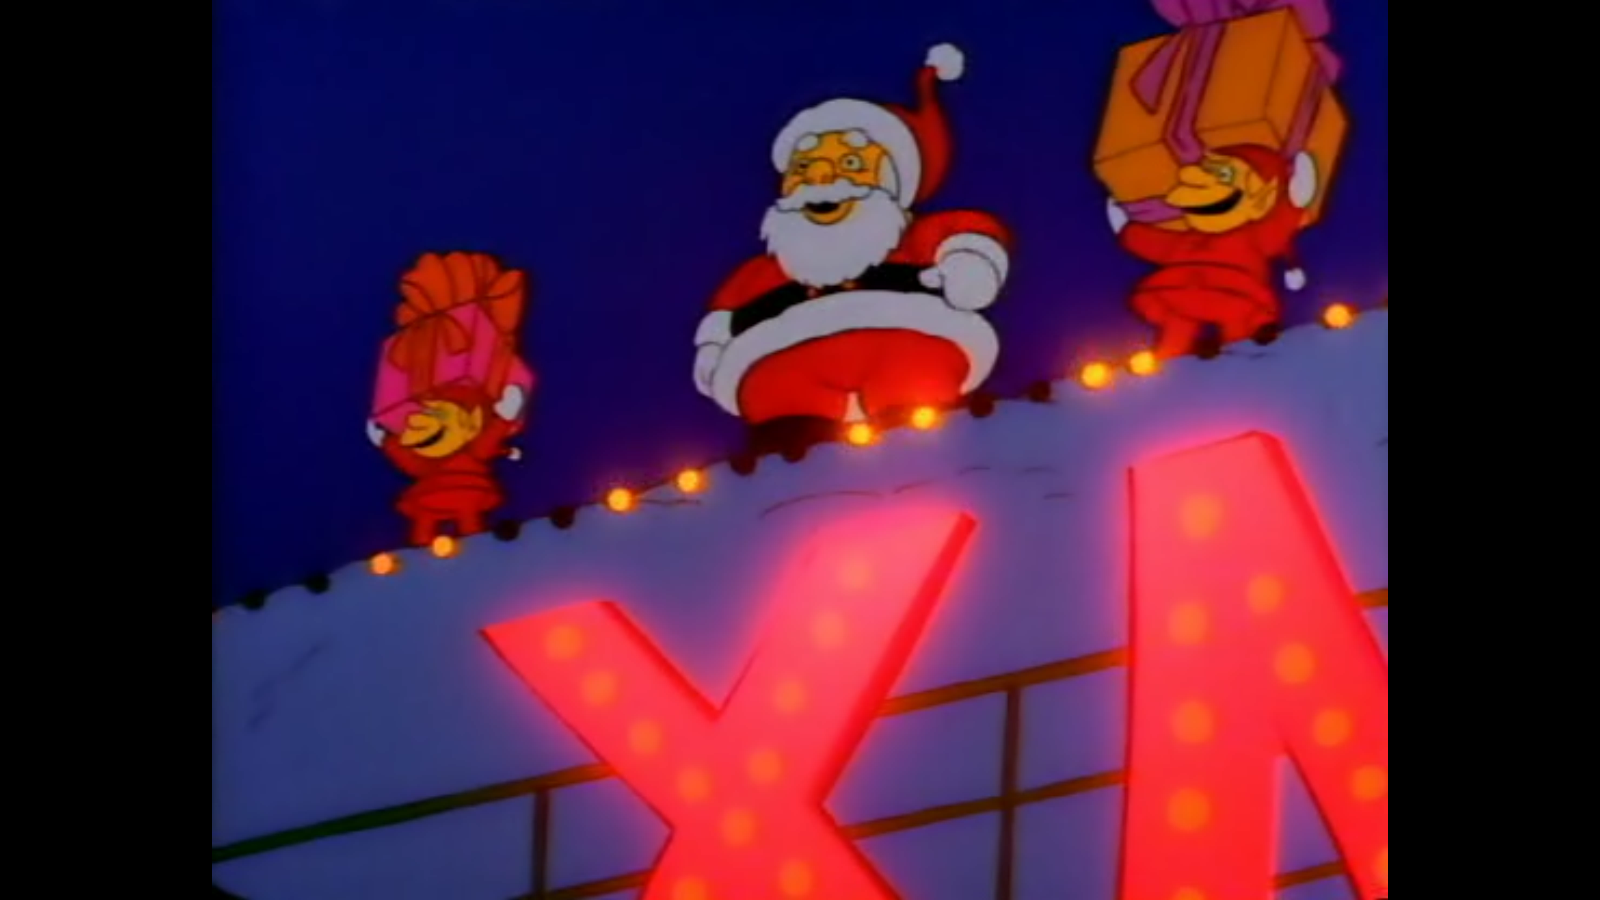 Flander's Santa